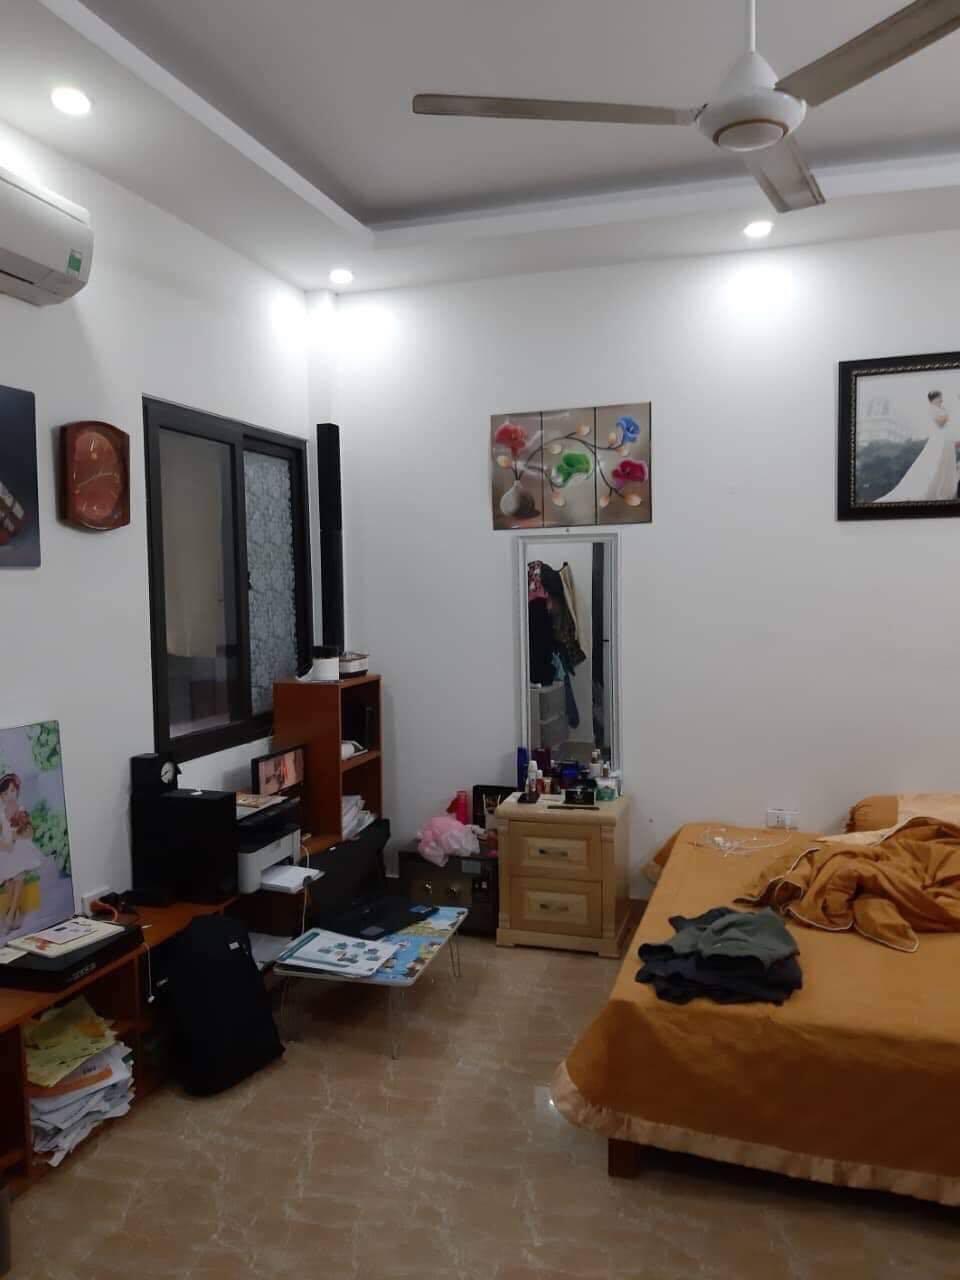 Cần bán Căn hộ chung cư đường Cổ Linh, Phường Long Biên, Diện tích 31m², Giá 1.65 Tỷ - LH: 0964855869